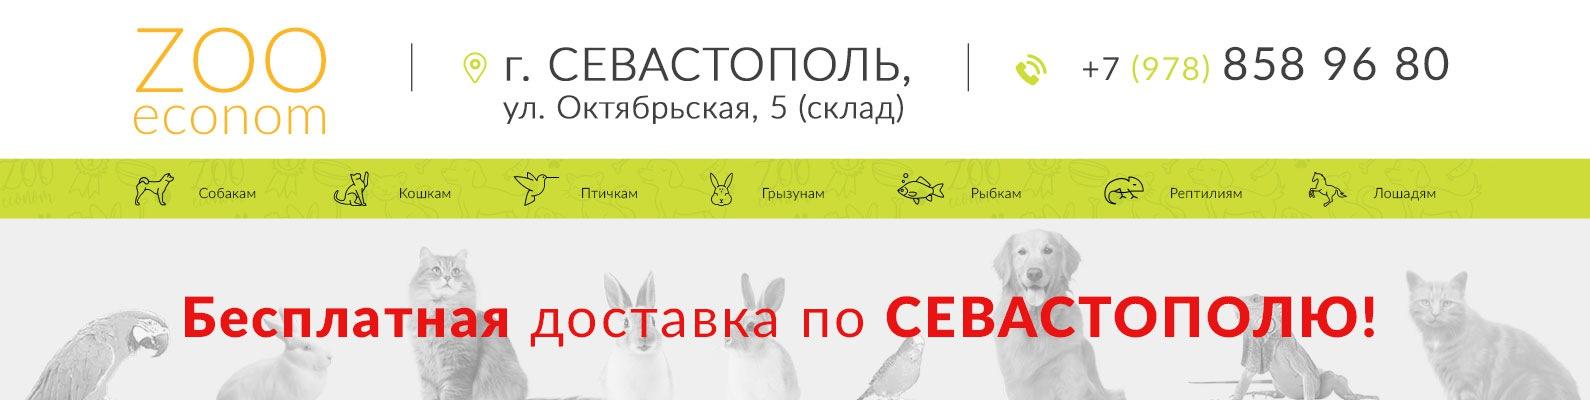 Сухой корм Royal Canin для кошек - купить в Екатеринбурге